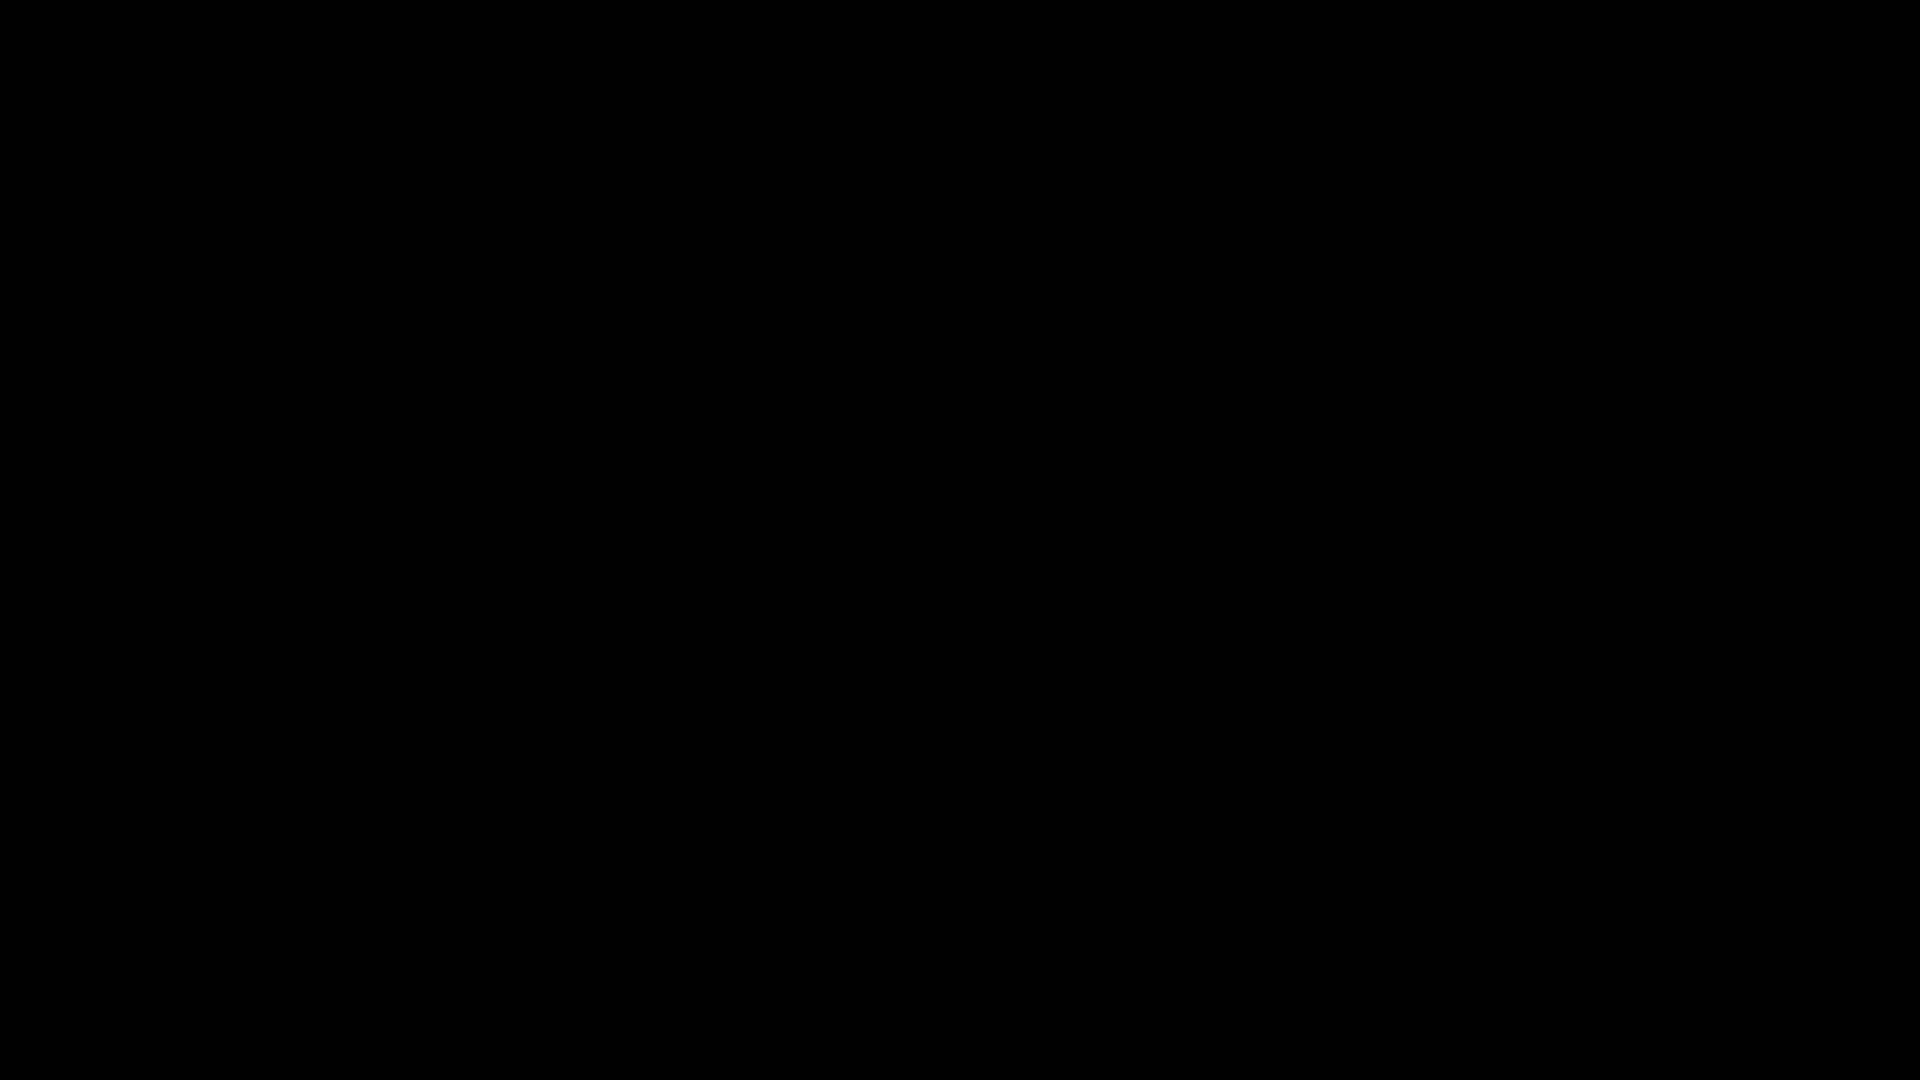 Di Cristallo colorato L'individuo Ha Imballato Accessori Del Tatuaggio del Pigmento di Inchiostro Tazza Gialla Rosa Trasparente Cappuccio Ad Anello per il Trucco Permanente